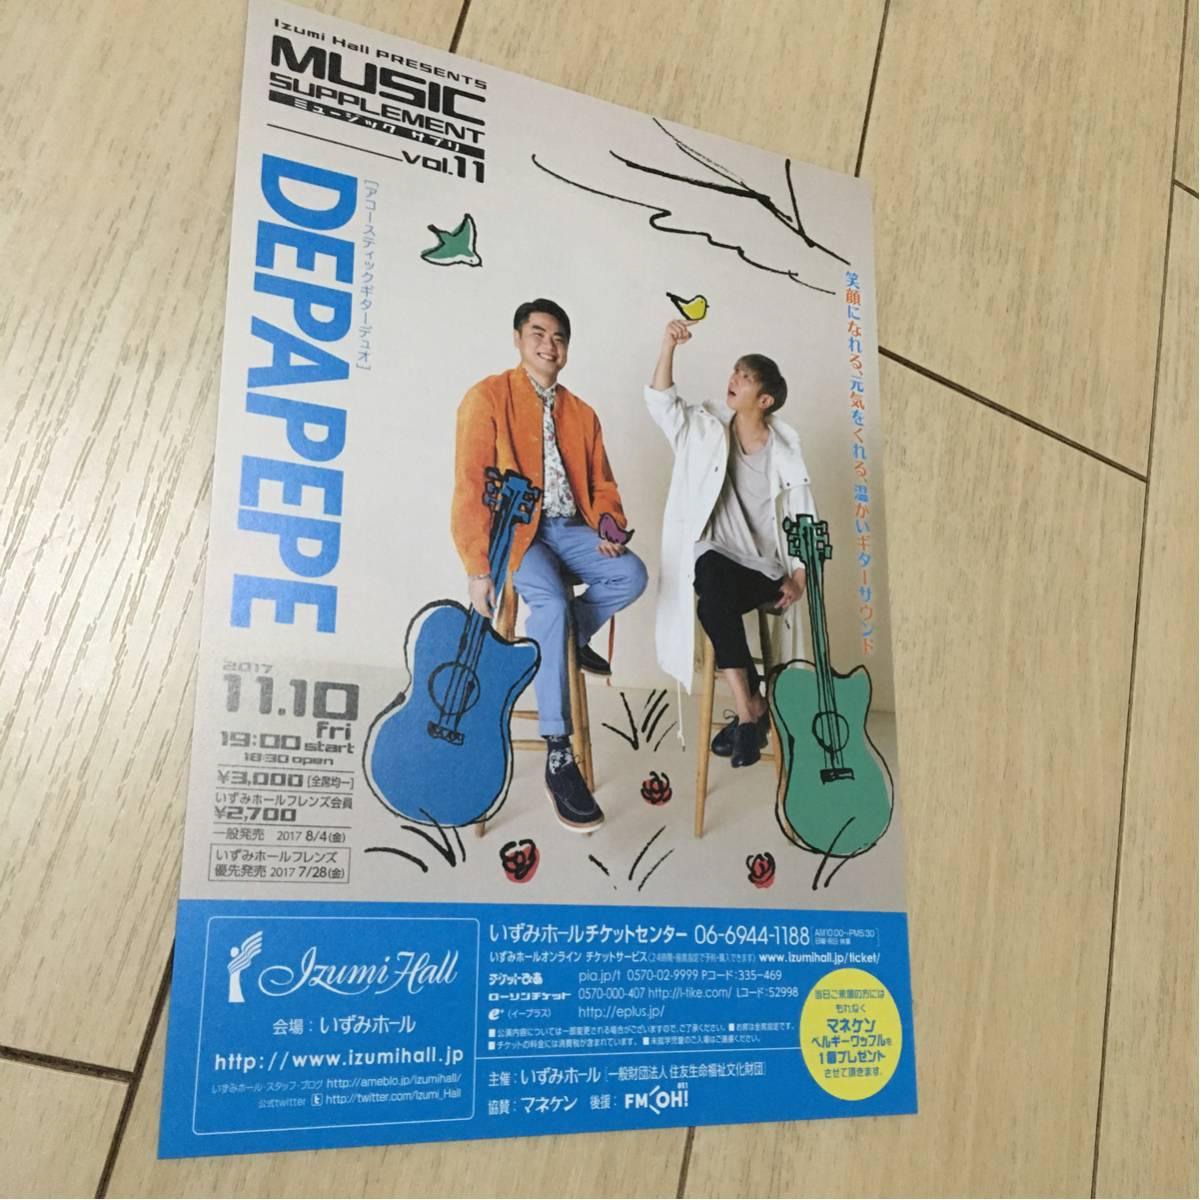 デパペペ depapepe アコースティック ギター デュオ 207 ライブ 告知 チラシ 大阪 いずみホール コンサート